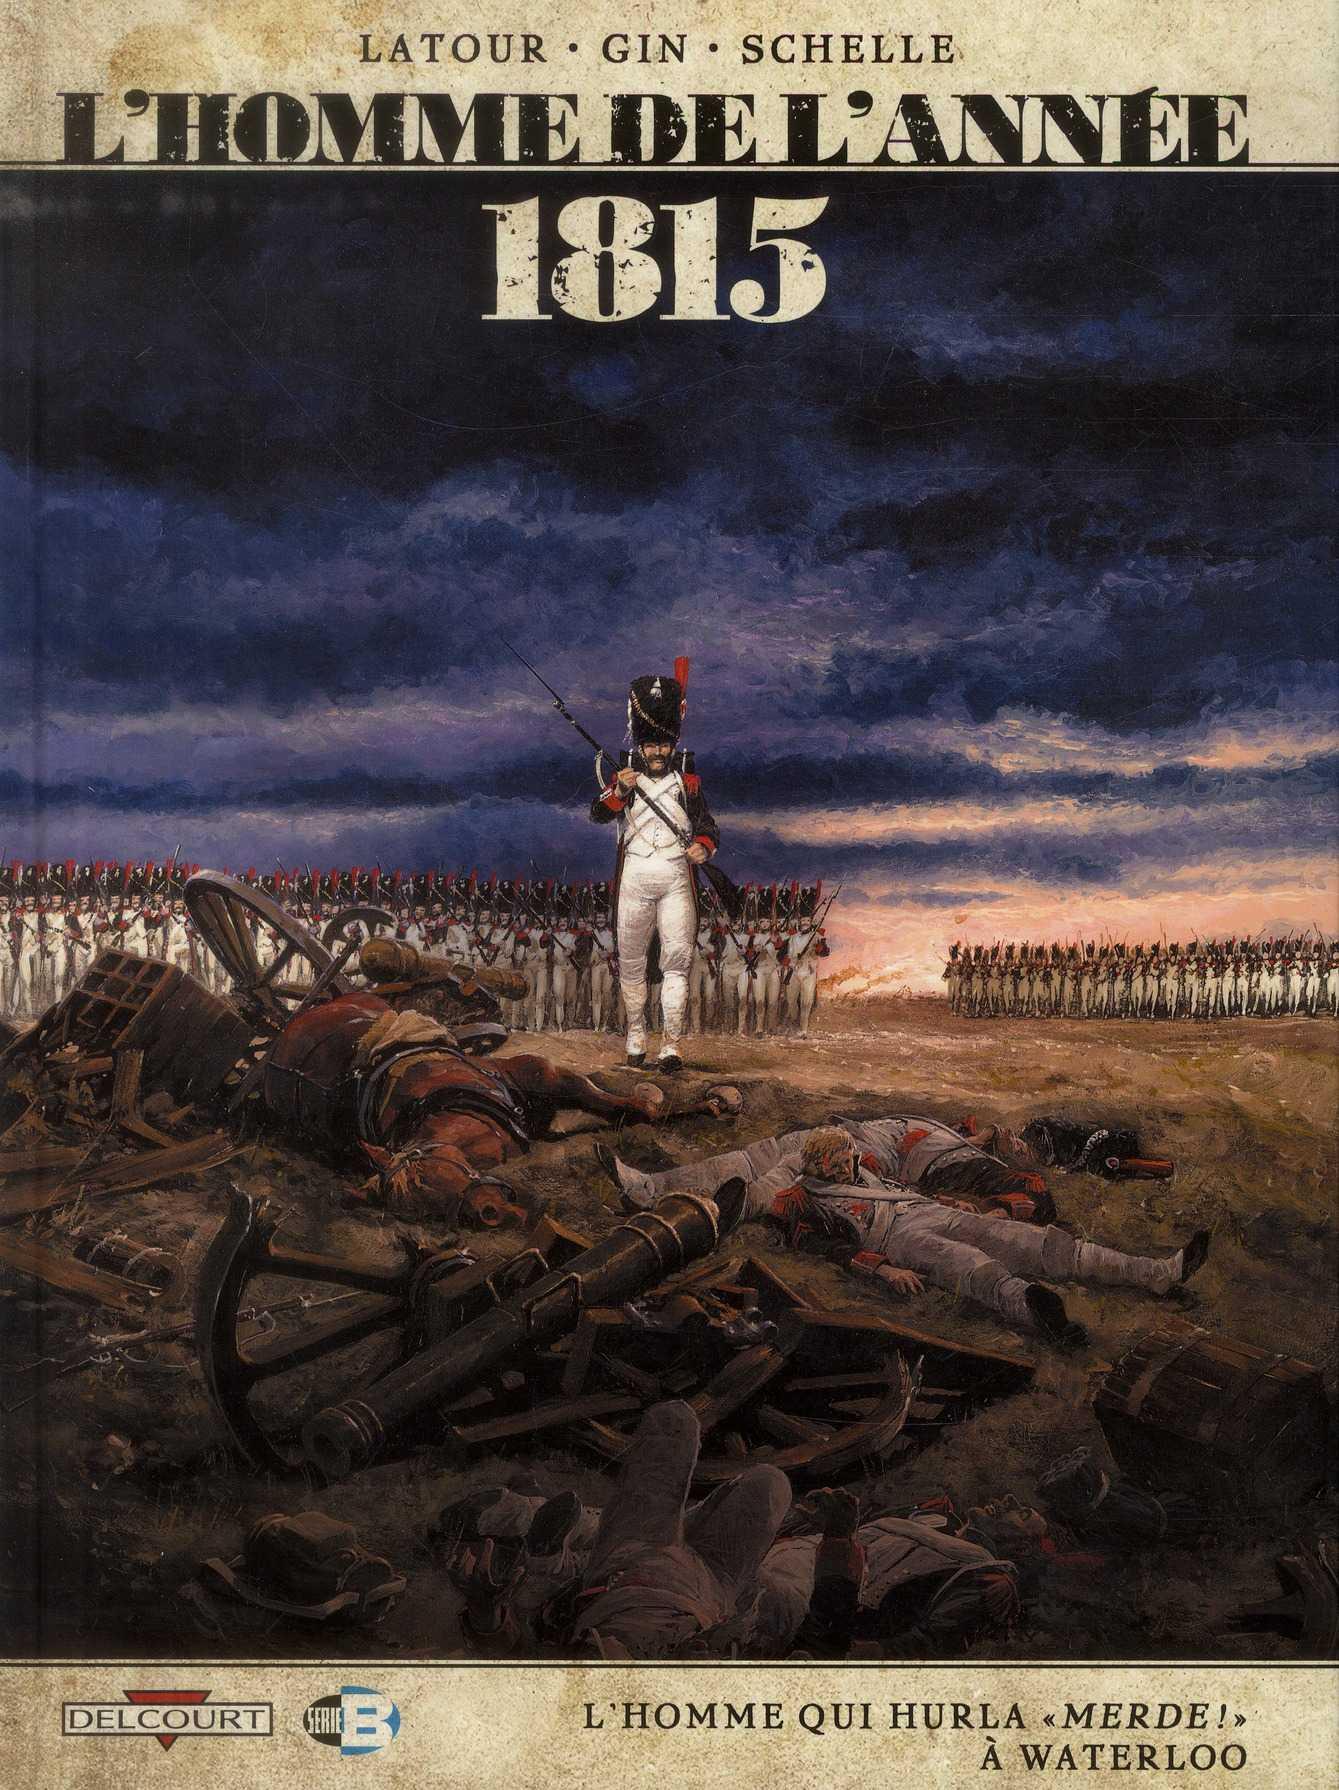 L'Homme de l'année 1815 a dit merde à Waterloo